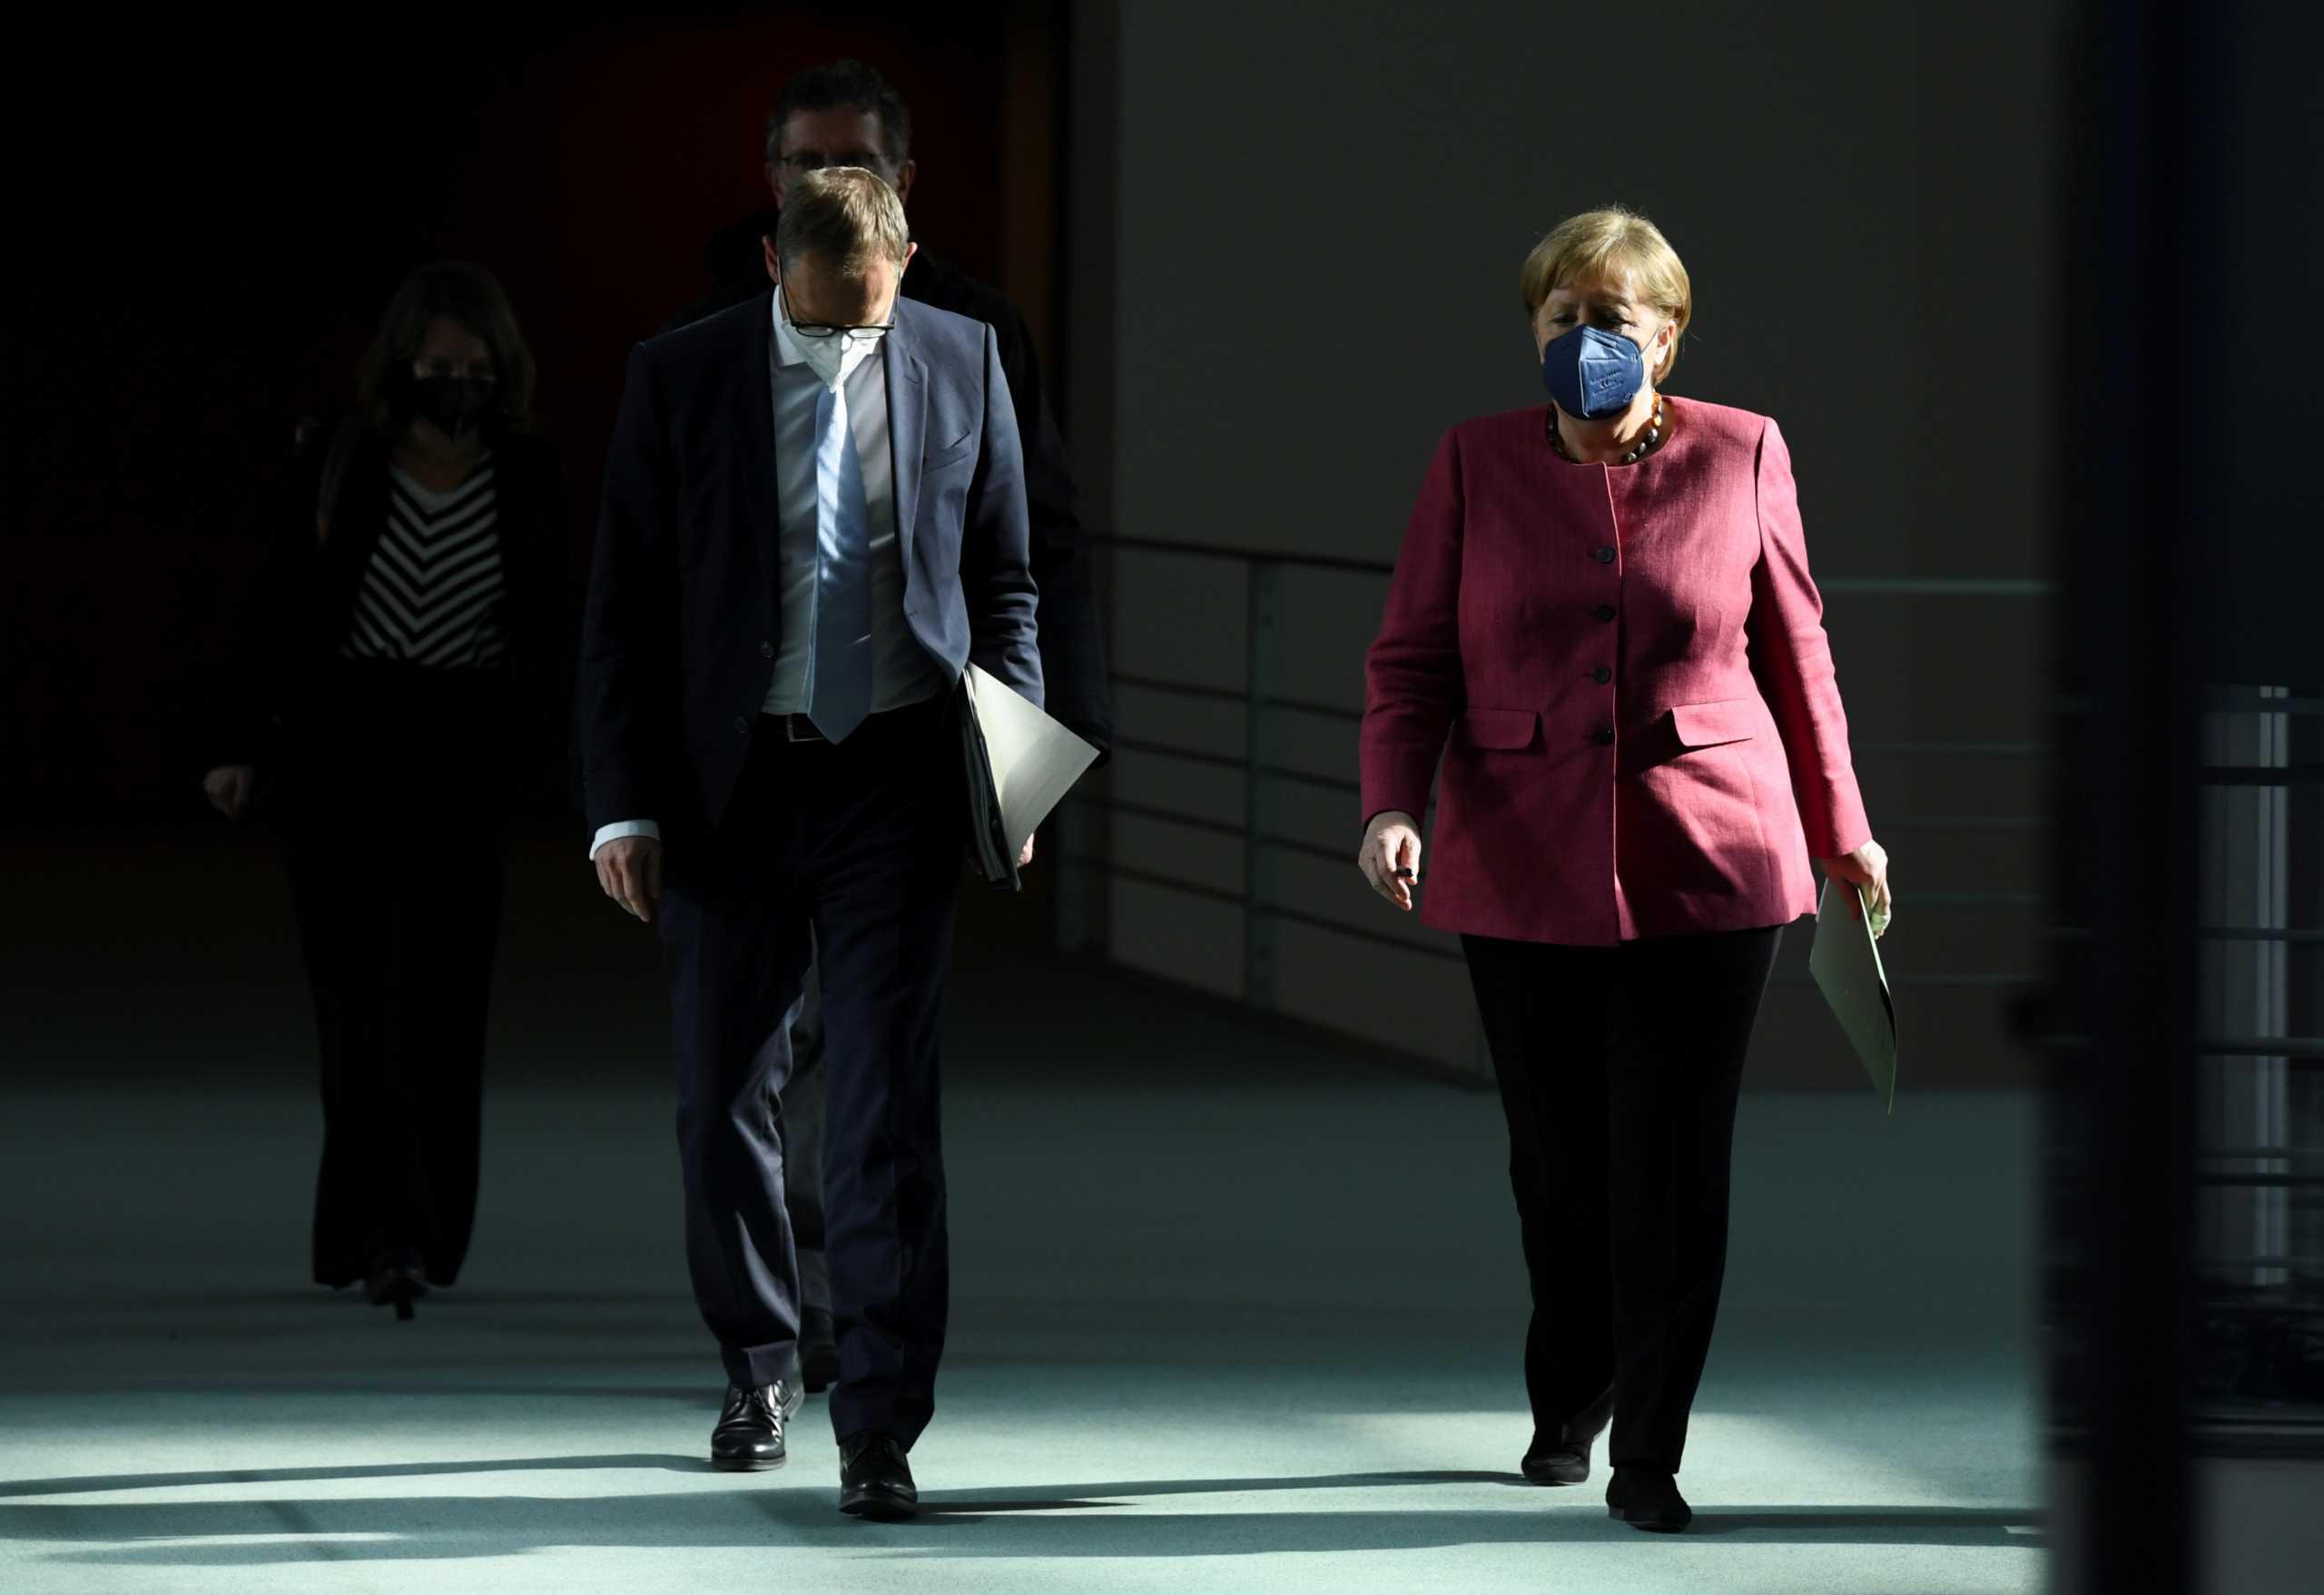 Δανία για το σκάνδαλο κατασκοπείας της Μέρκελ και άλλων ηγετών: Όλα καλά, θα κάνουμε διάλογο